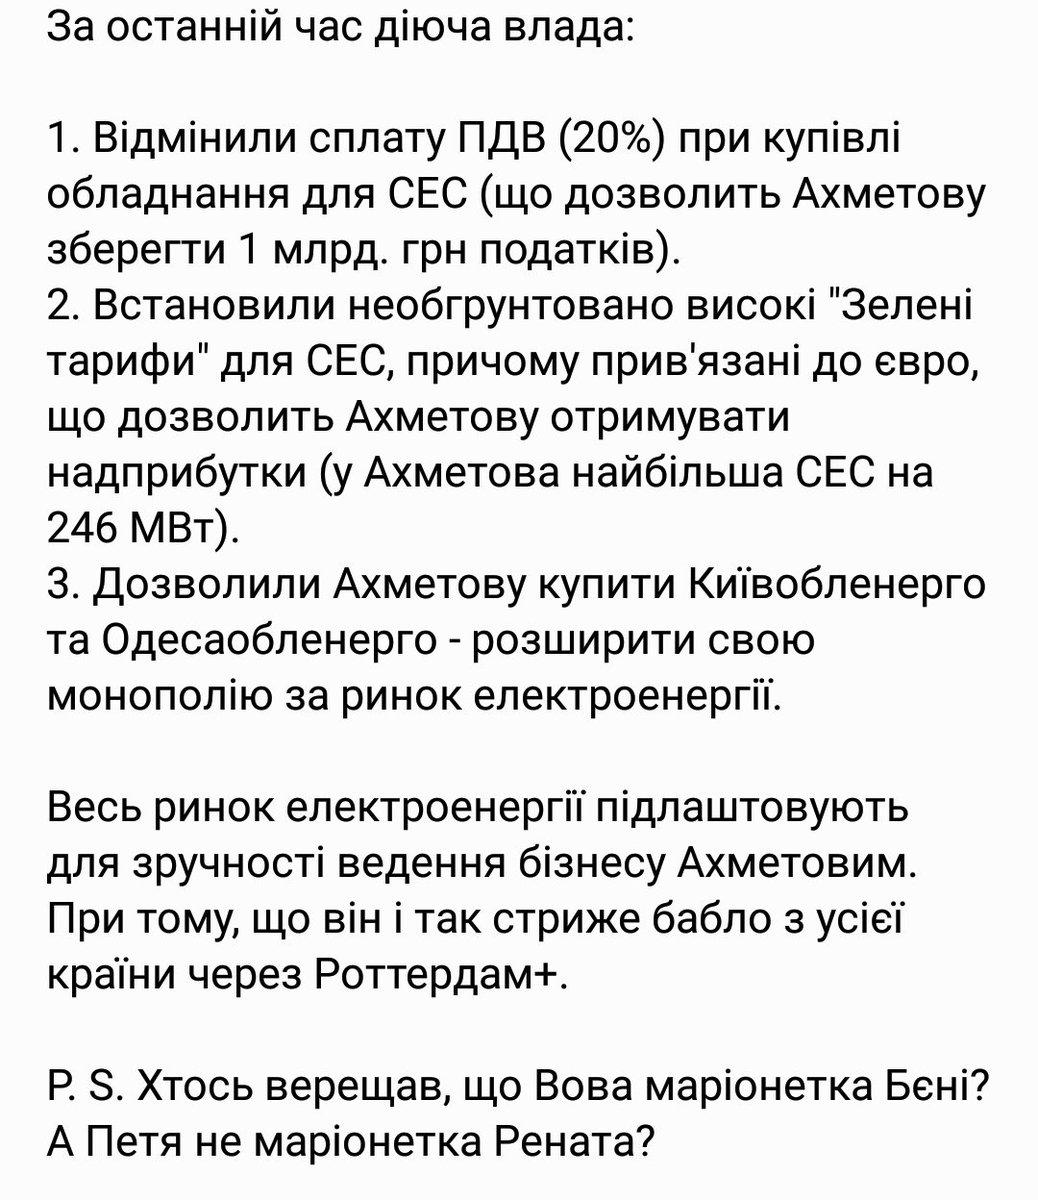 З 1 червня РФ не буде продавати Україні нафту і вугілля. Заміна їм досі не знайдена, - Єгор Соболєв - Цензор.НЕТ 1518